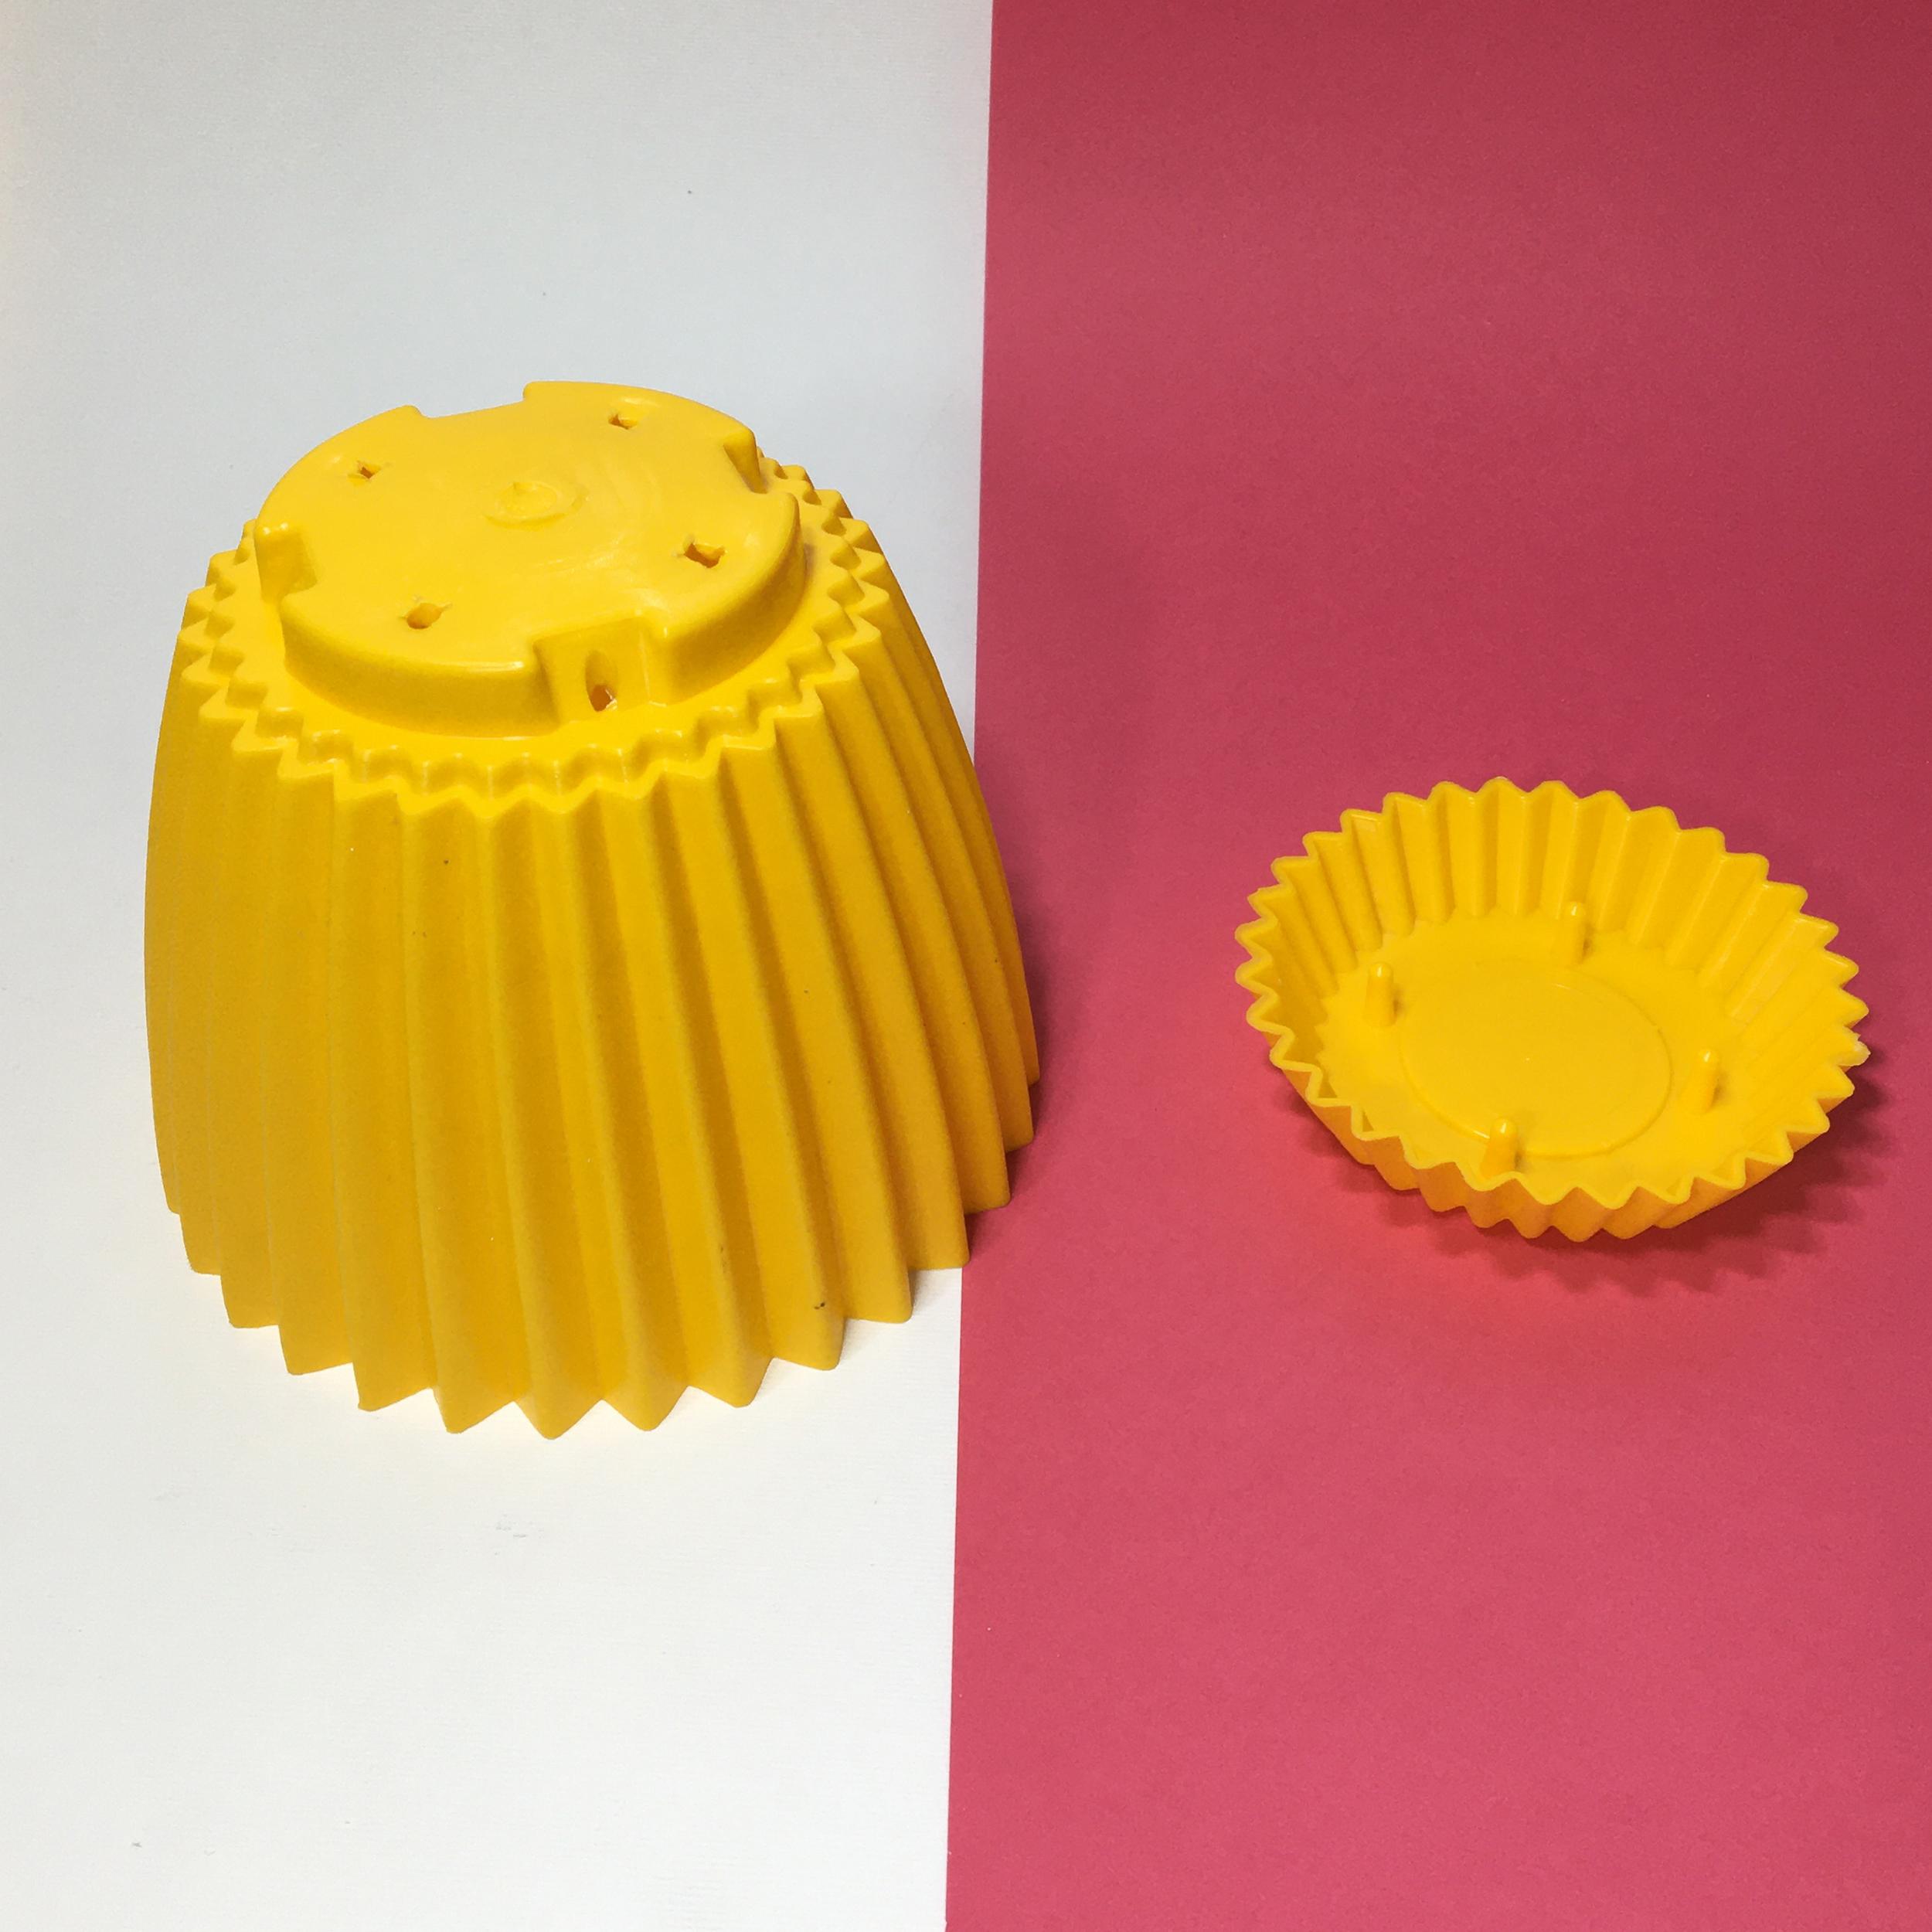 گلدان دانیال پلاستیک کد 212 main 1 5